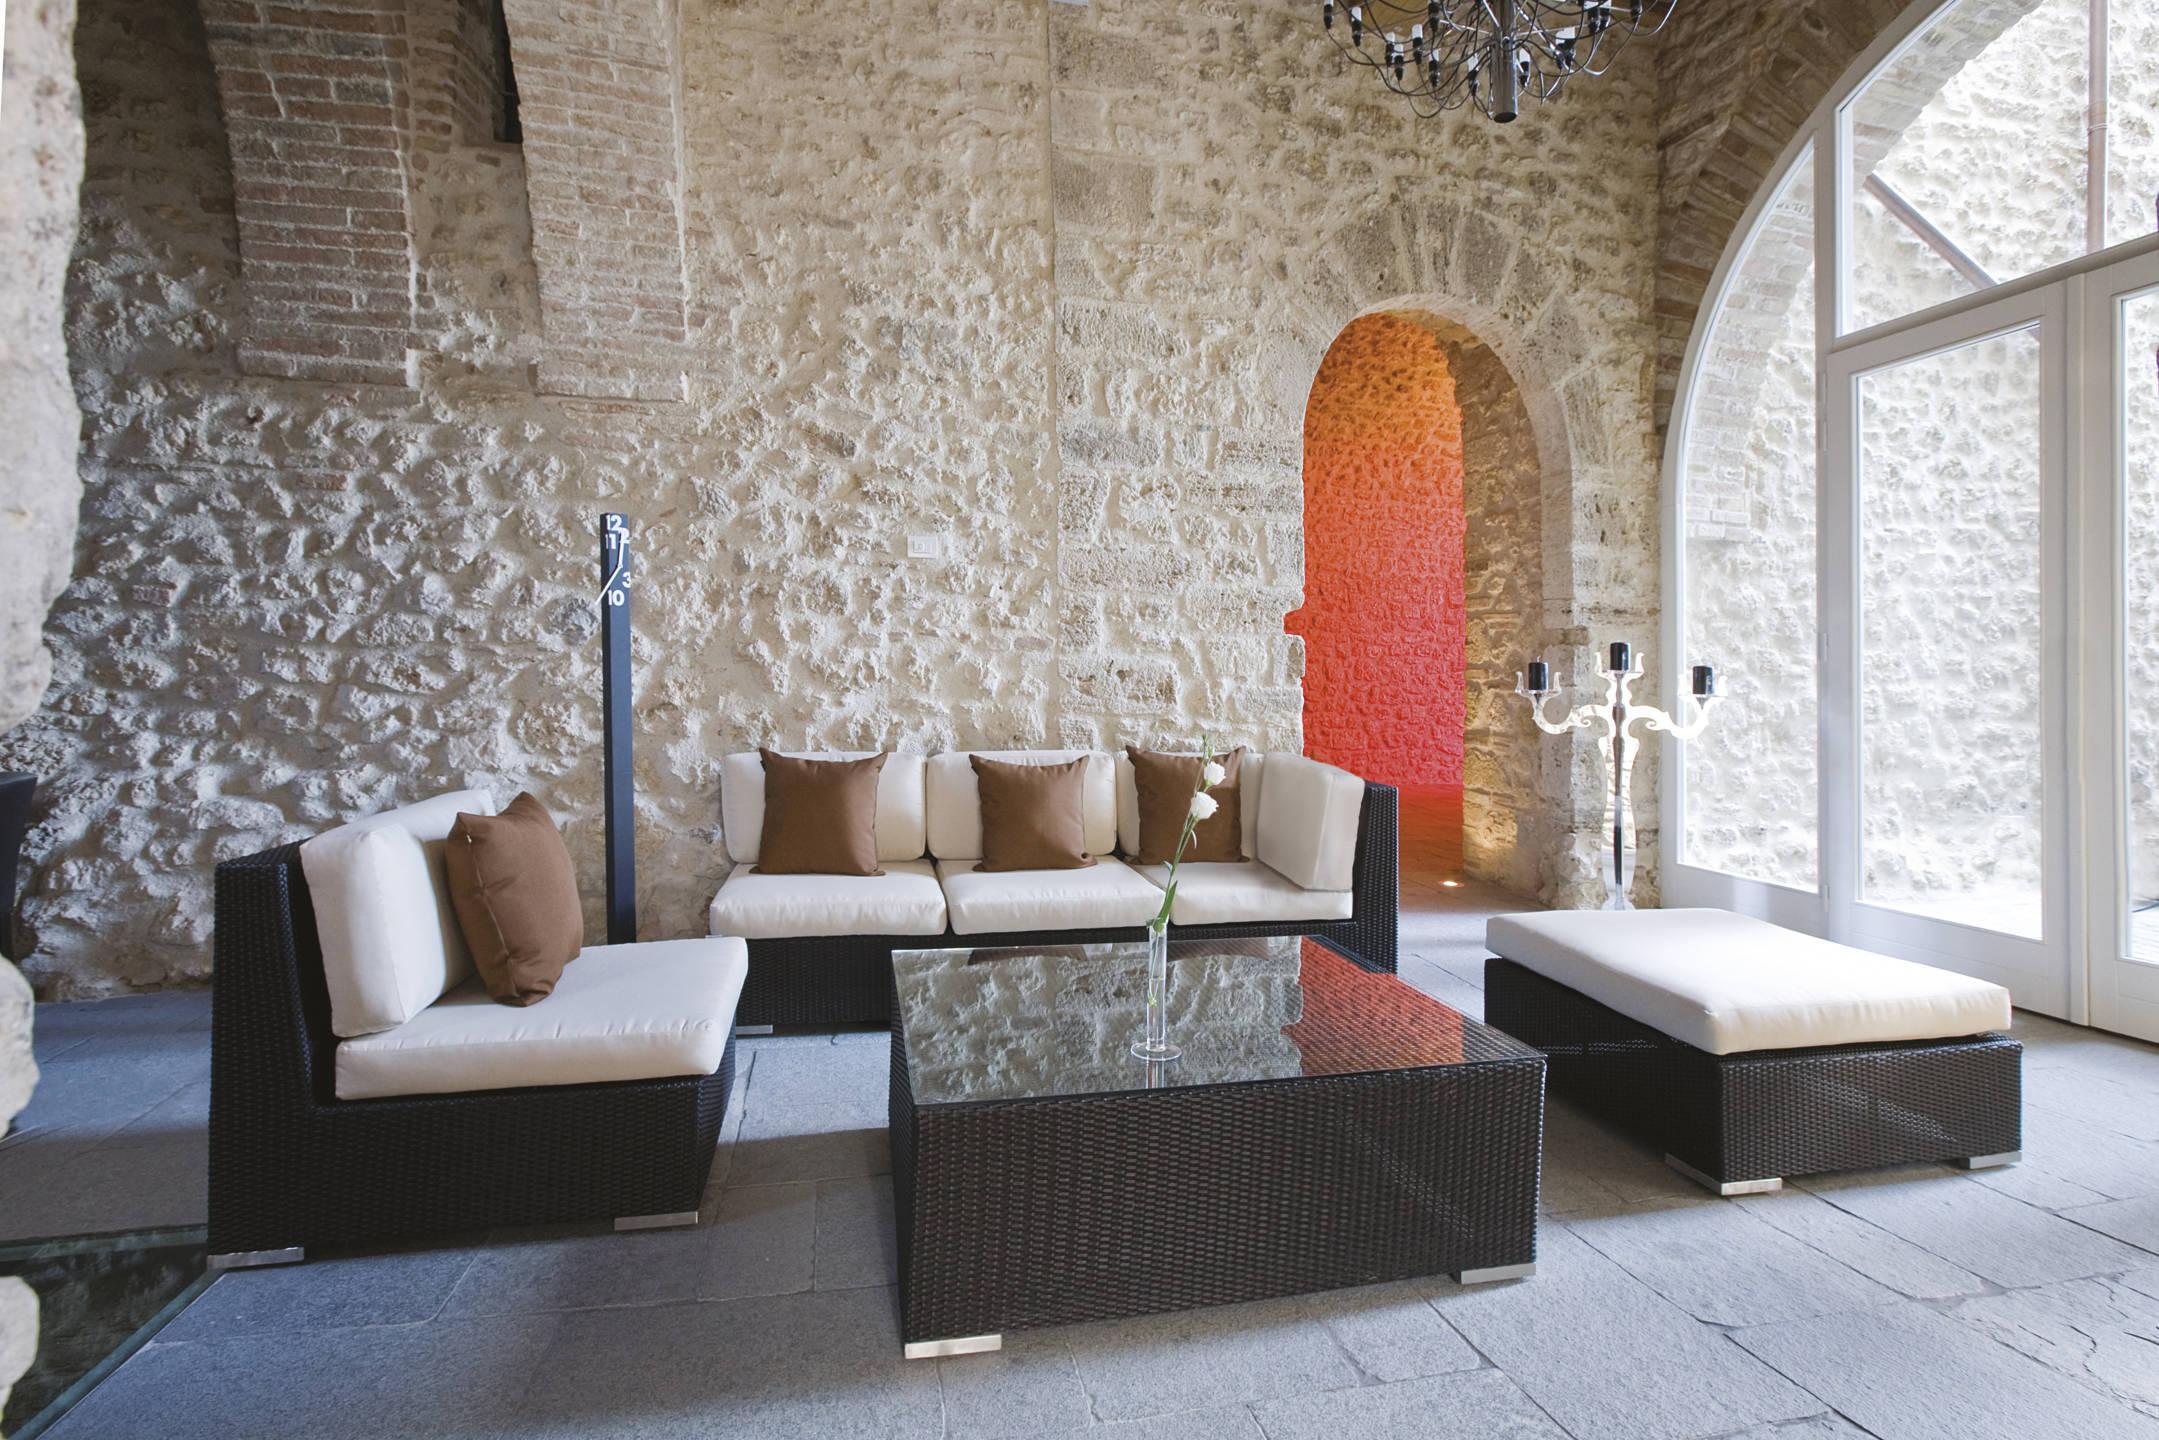 Divani Per Esterni In Plastica : Vivereverde sofa cx 1 posto newyorkcollection divani per esterno